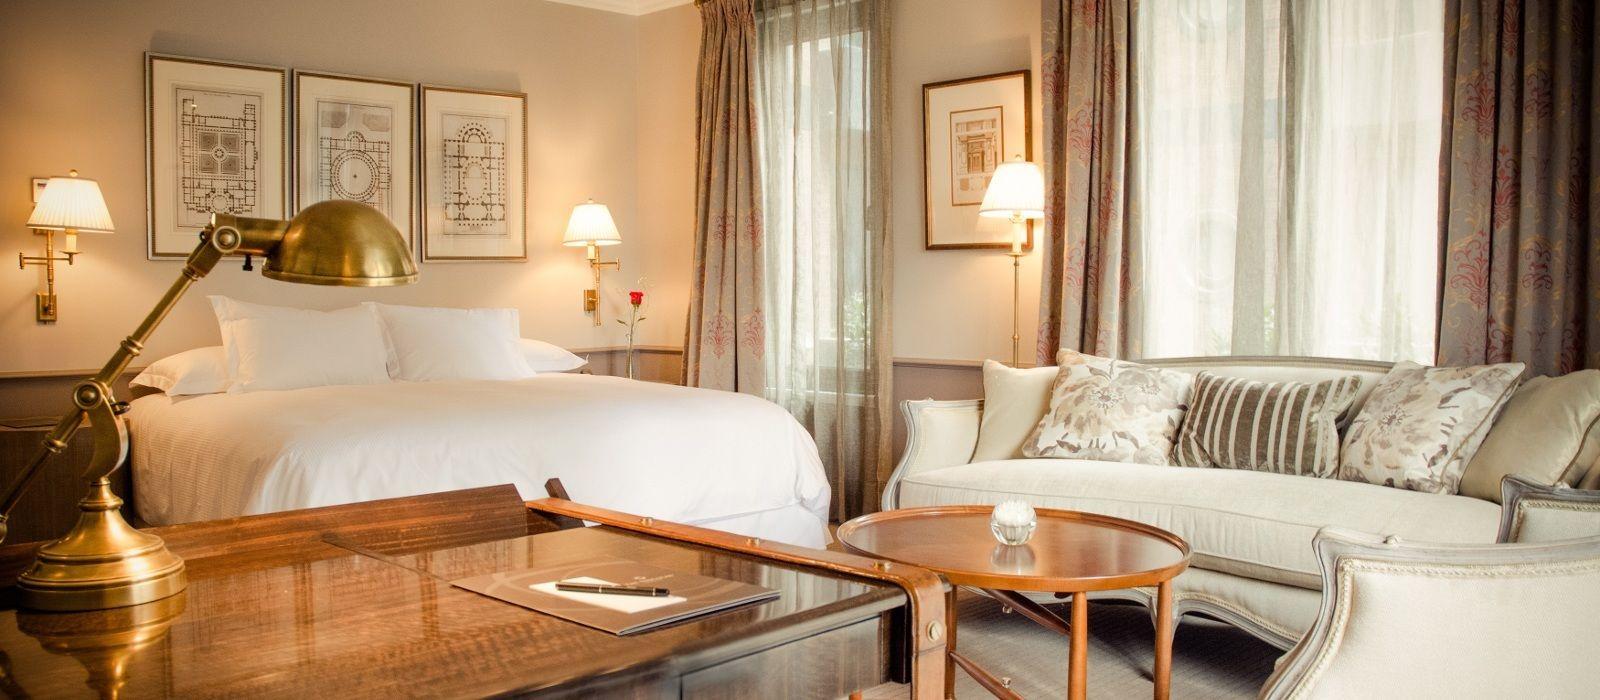 Hotel The Singular Santiago, Lastarria  Chile